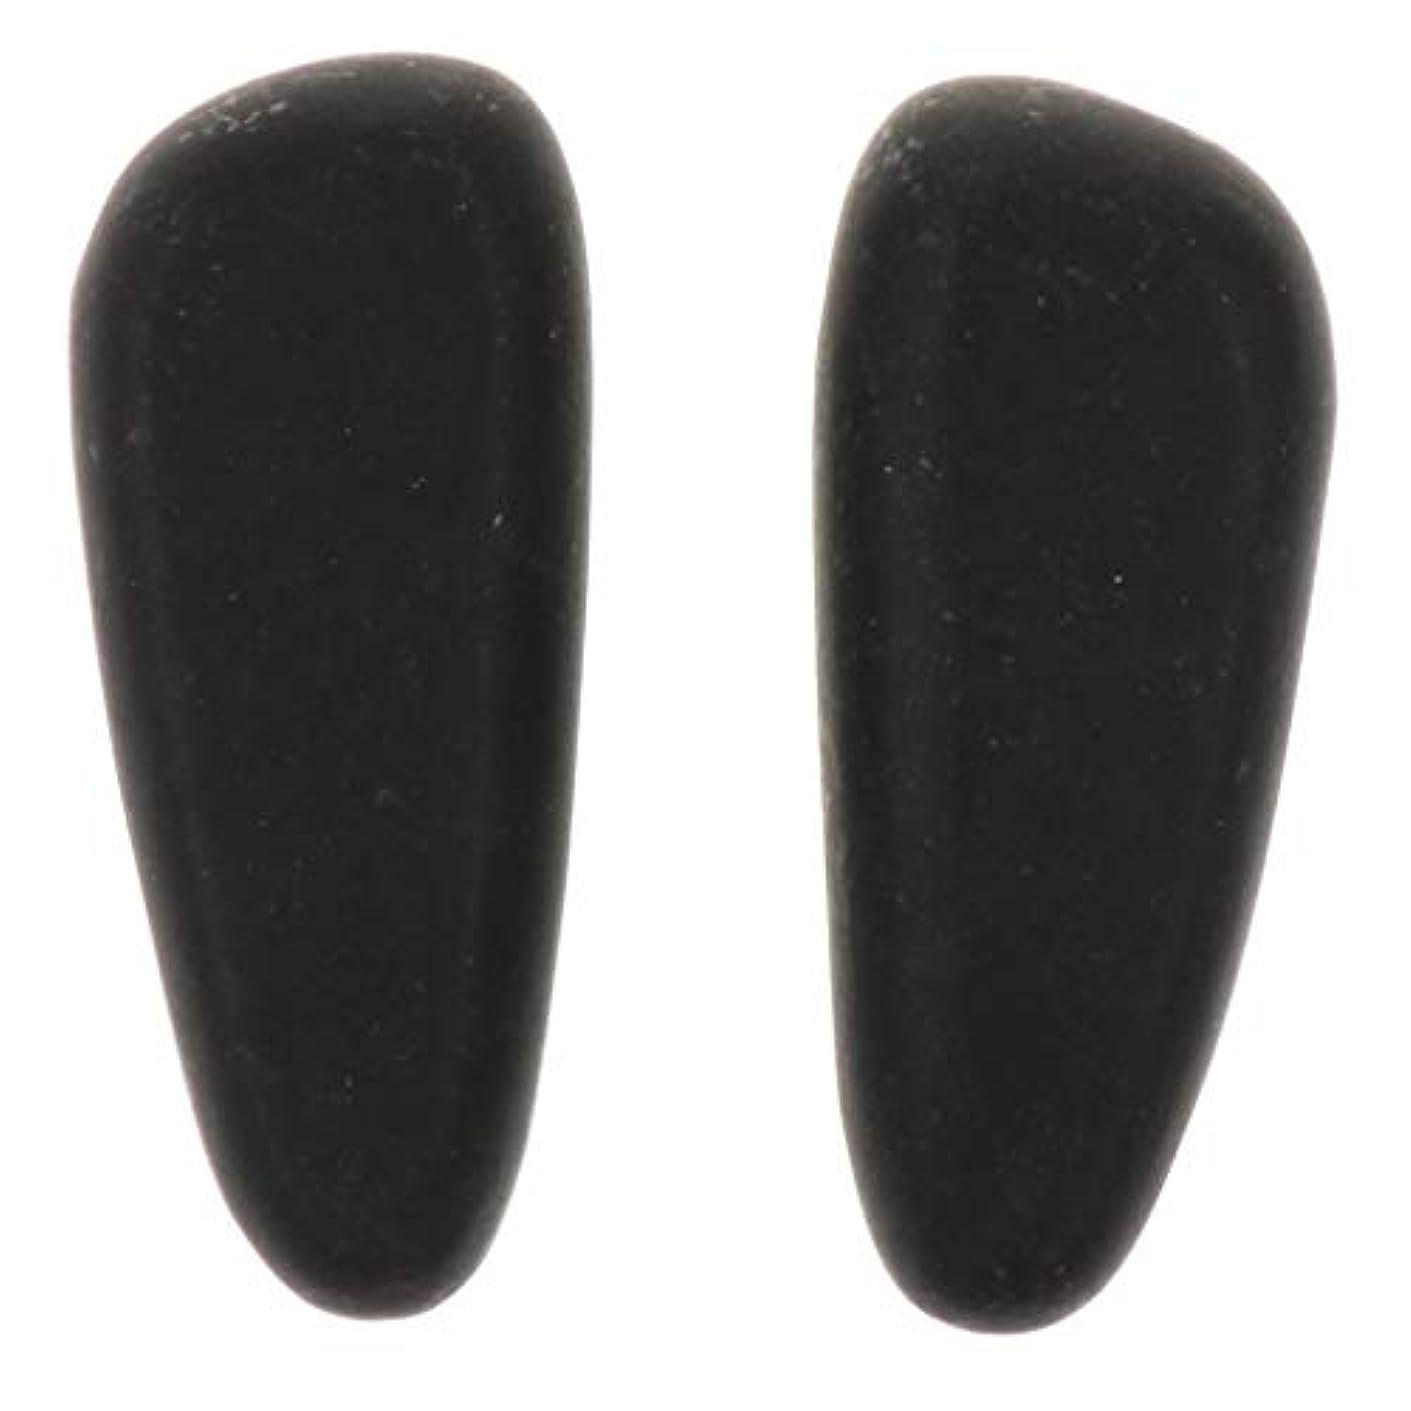 第かすれた協会天然石ホットストーン マッサージ用玄武岩 マッサージストーン マッサージ石 ボディマッサージ 2個 全2サイズ - 8×3.2×2cm